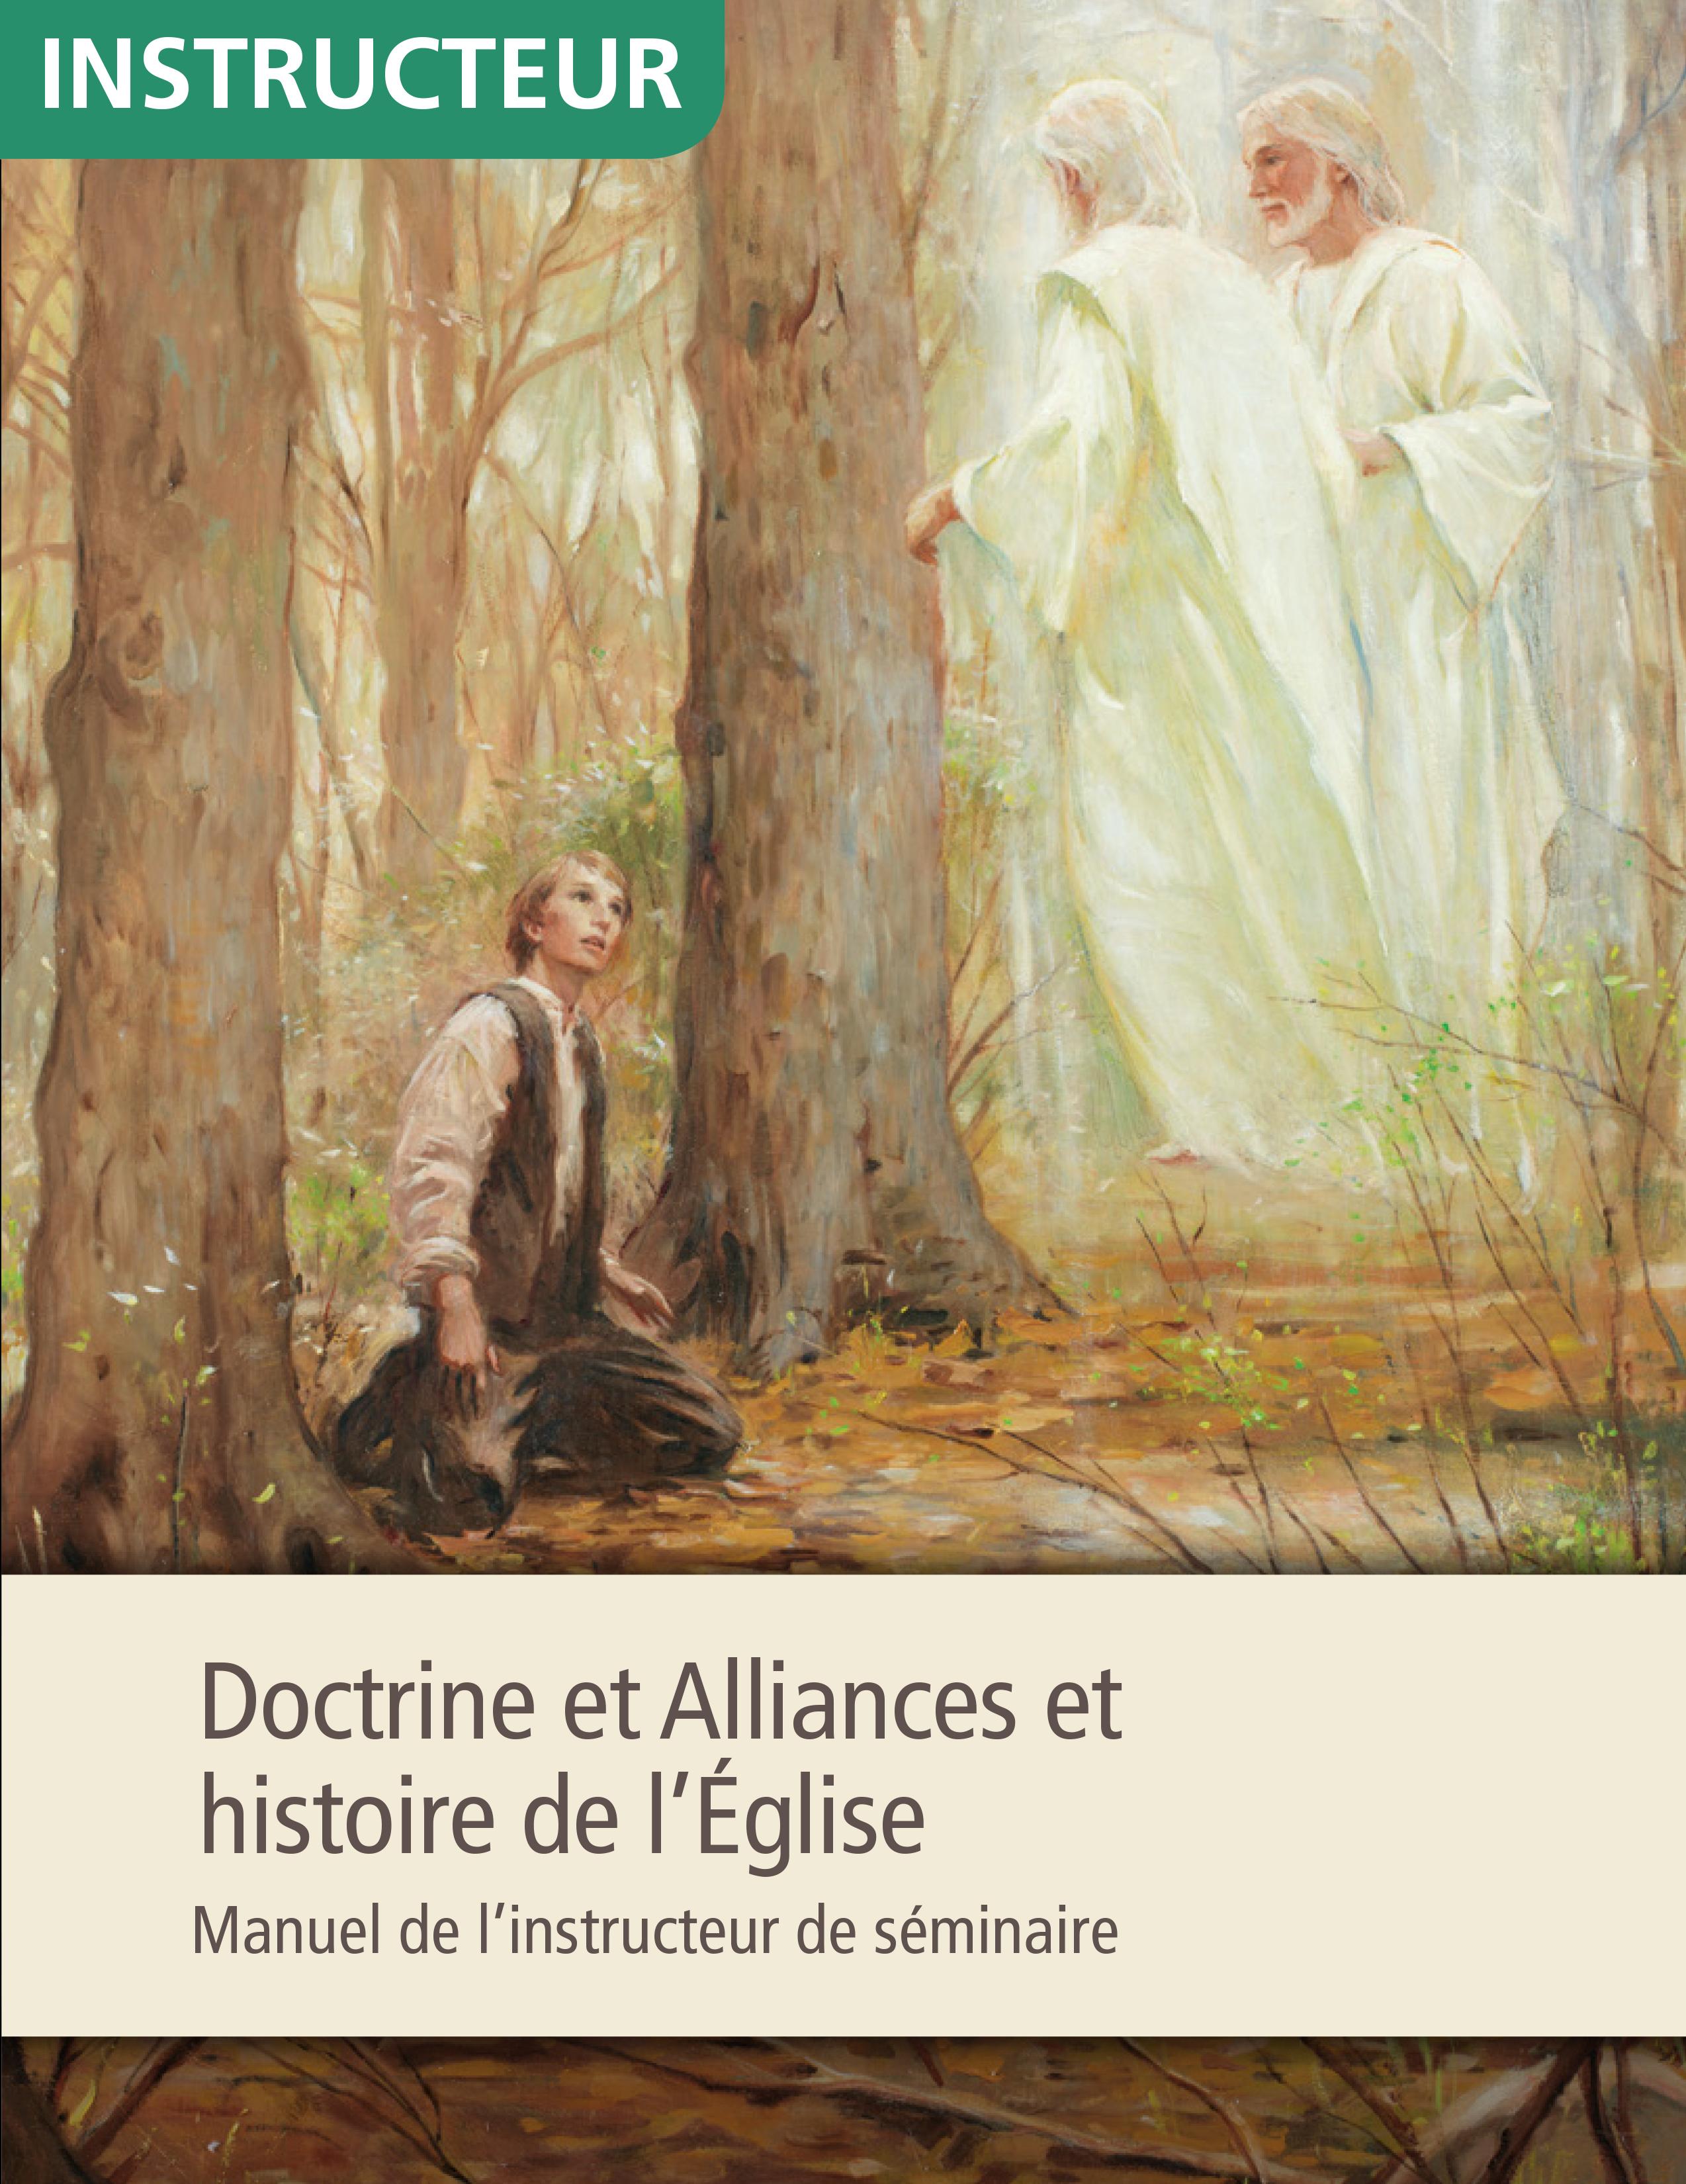 Doctrine et Alliances et histoire de l'Église, manuel de l'instructeur de séminaire